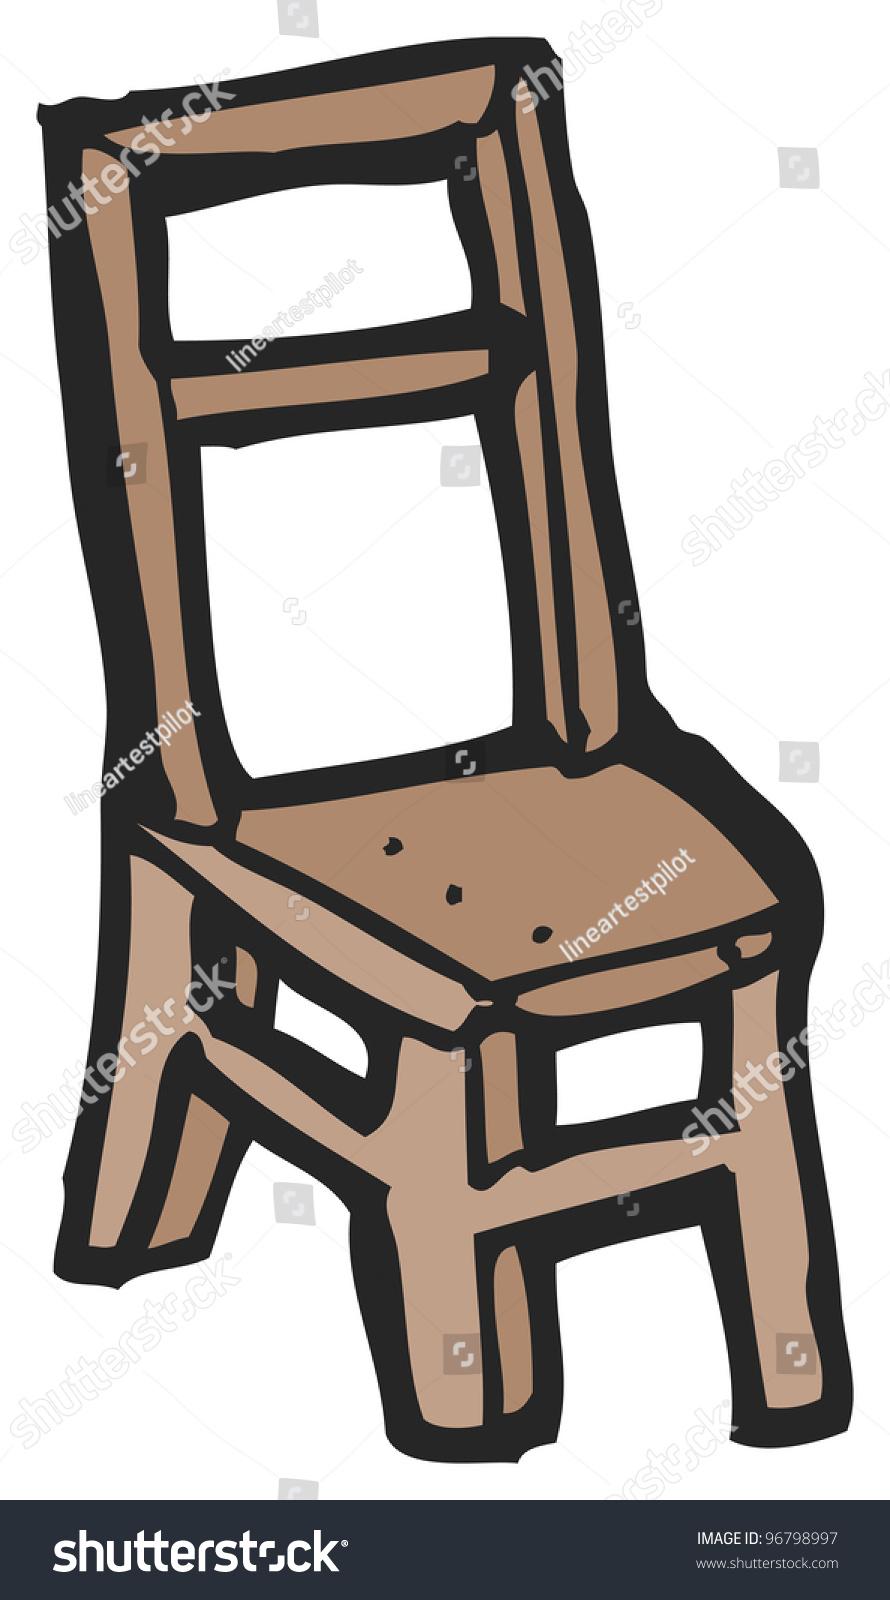 Wooden chair cartoon stock photo shutterstock